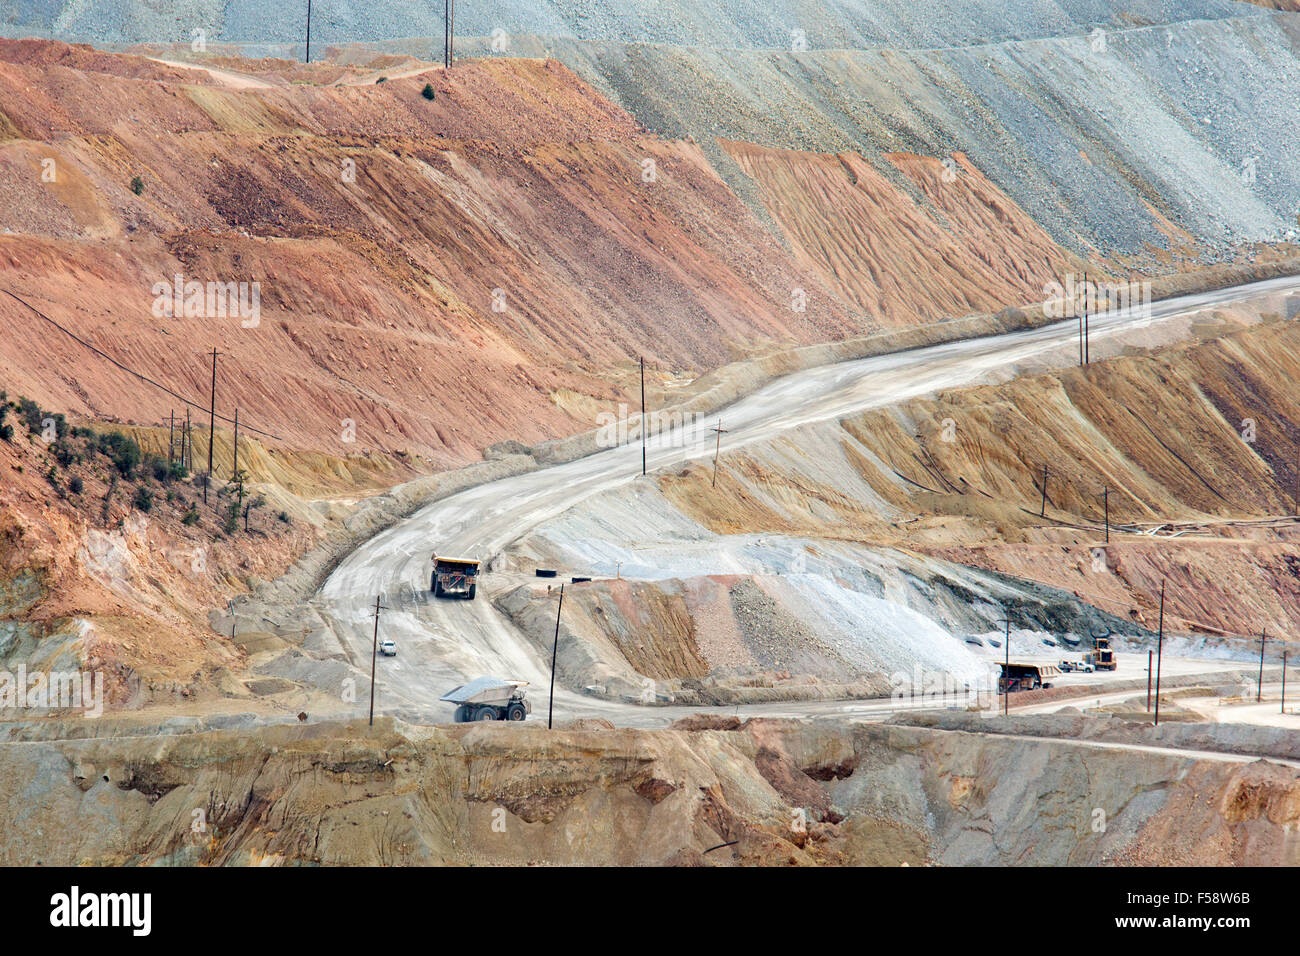 Santa Rita, Nouveau Mexique - Le Chino mine de cuivre à ciel ouvert, exploité par Freeport-McMoRan, produit Photo Stock